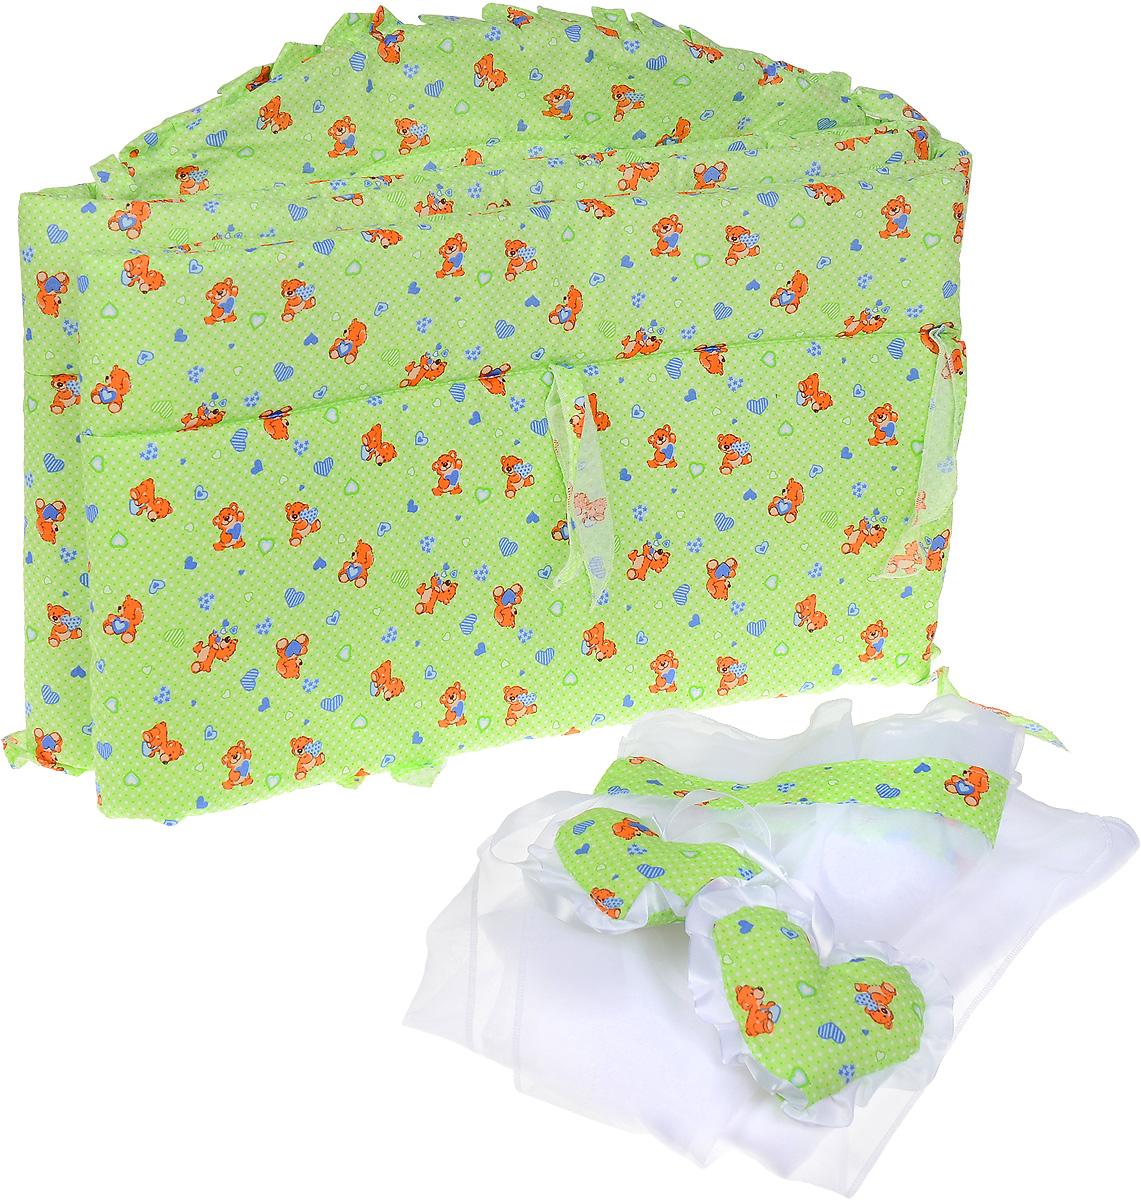 Фея Комплект для детской кроватки Мишки с сердечками 2 предмета1047_салатовыйКомплект для детской кроватки Фея Мишки с сердечками, выполненный из хлопка и полиэфира, включает в себя борт и балдахин для детской кроватки. Бортик закрывает весь периметр кроватки и крепится с помощью специальных завязок, благодаря чему его можно поместить в любую детскую кроватку. Выполнен натурального хлопка безупречной выделки. Деликатные швы рассчитаны на прикосновение к нежной коже ребенка. Бортик оформлен изображениями забавных плюшевых медвежат с сердечками. Балдахин, выполненный из полиэстера, можно использовать как для люльки, так и для кроватки. Сверху балдахин декорирован вставкой из хлопка с рисунком, а также двумя атласными лентами с мягкими игрушками в виде сердечек. Длина бортика - 360 см, размеры балдахина - 250 см х 150 см.